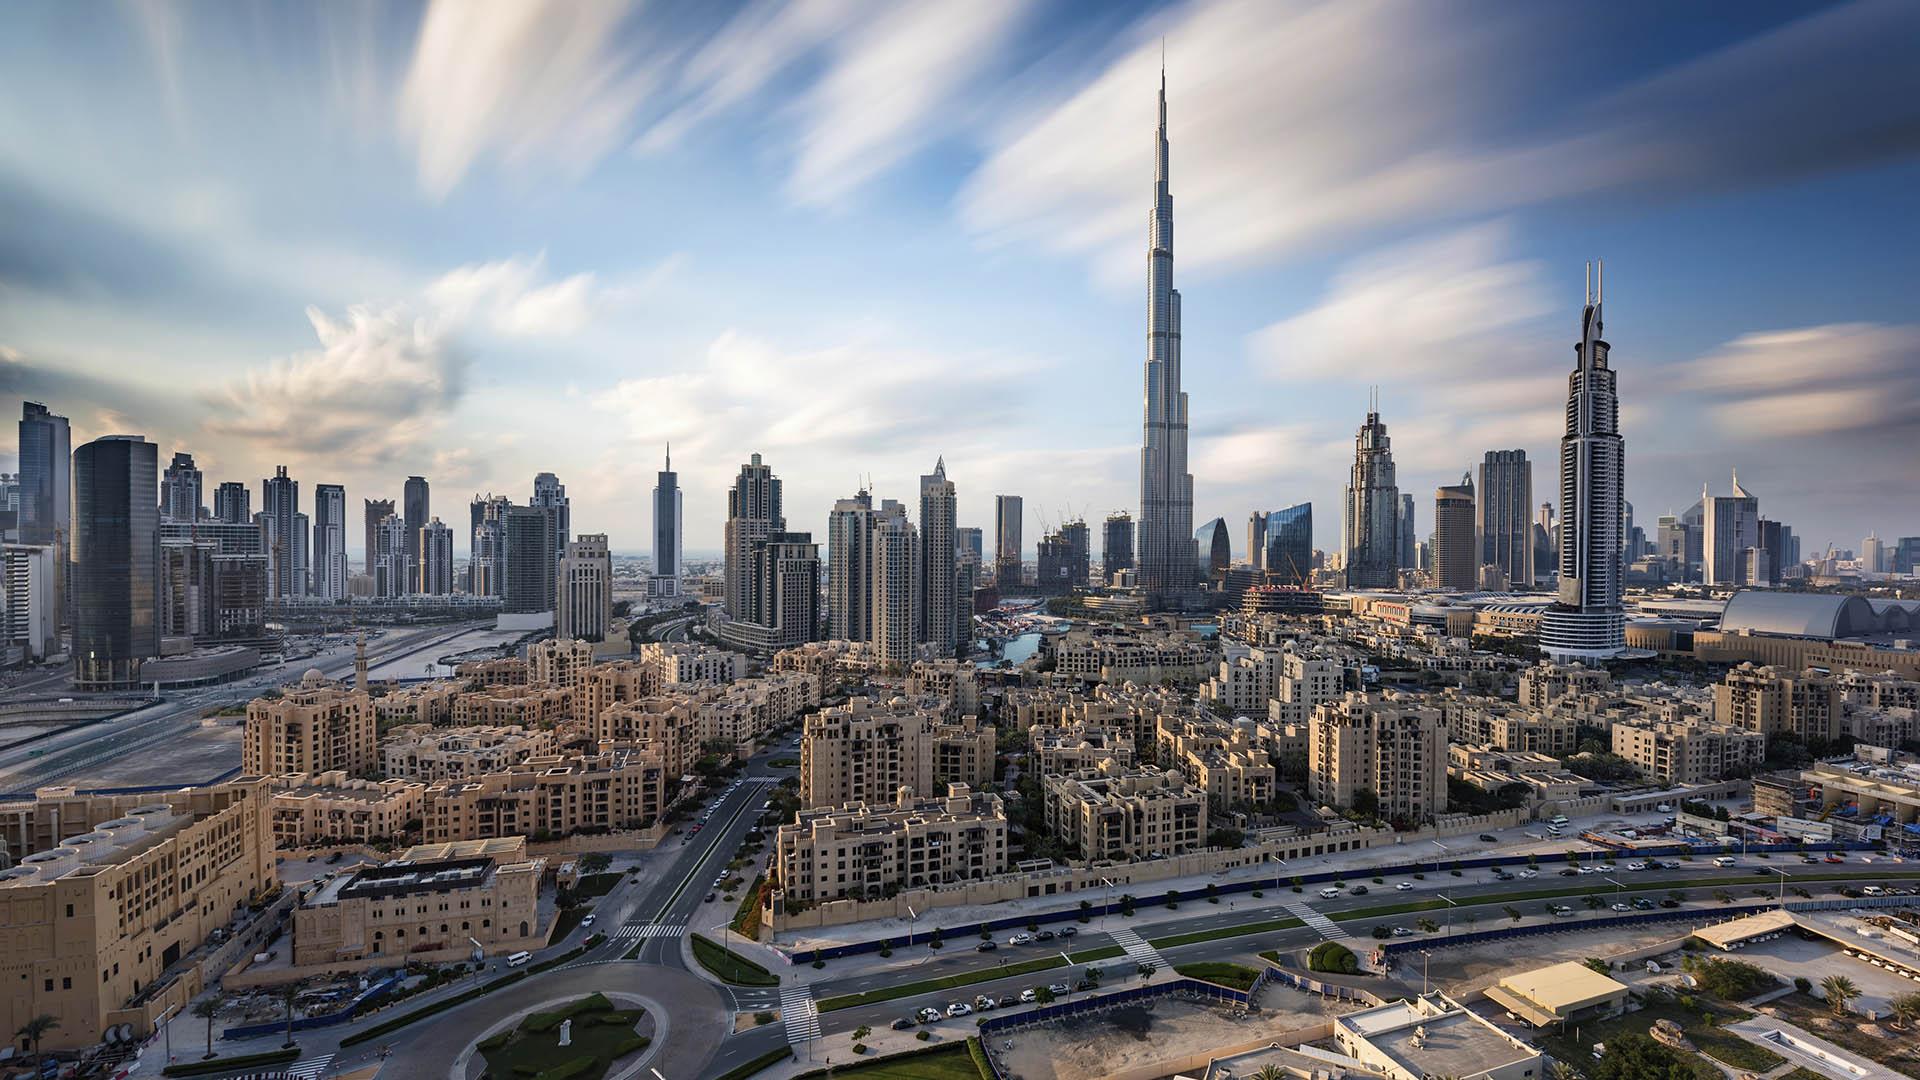 Burj Khalifa - 3